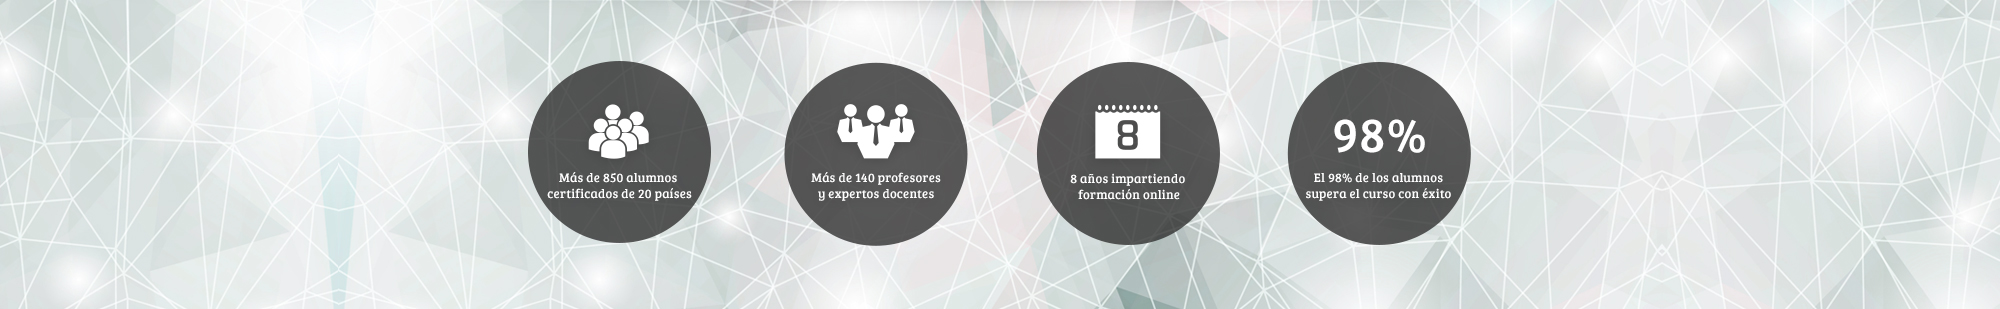 Formación online datos